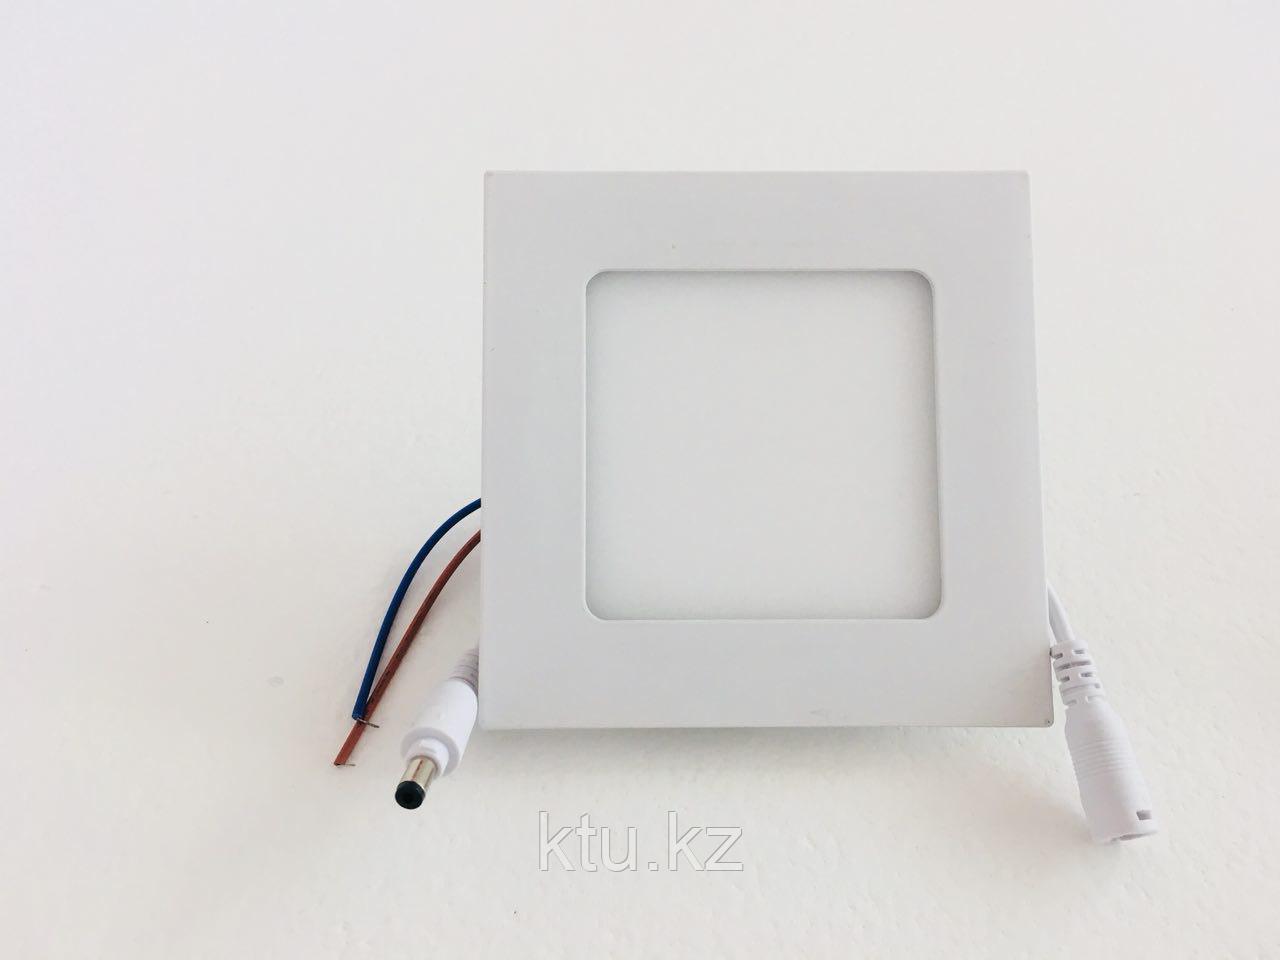 Светильники (споты) для дома JL-MF 6W,наружный 1год гарантия